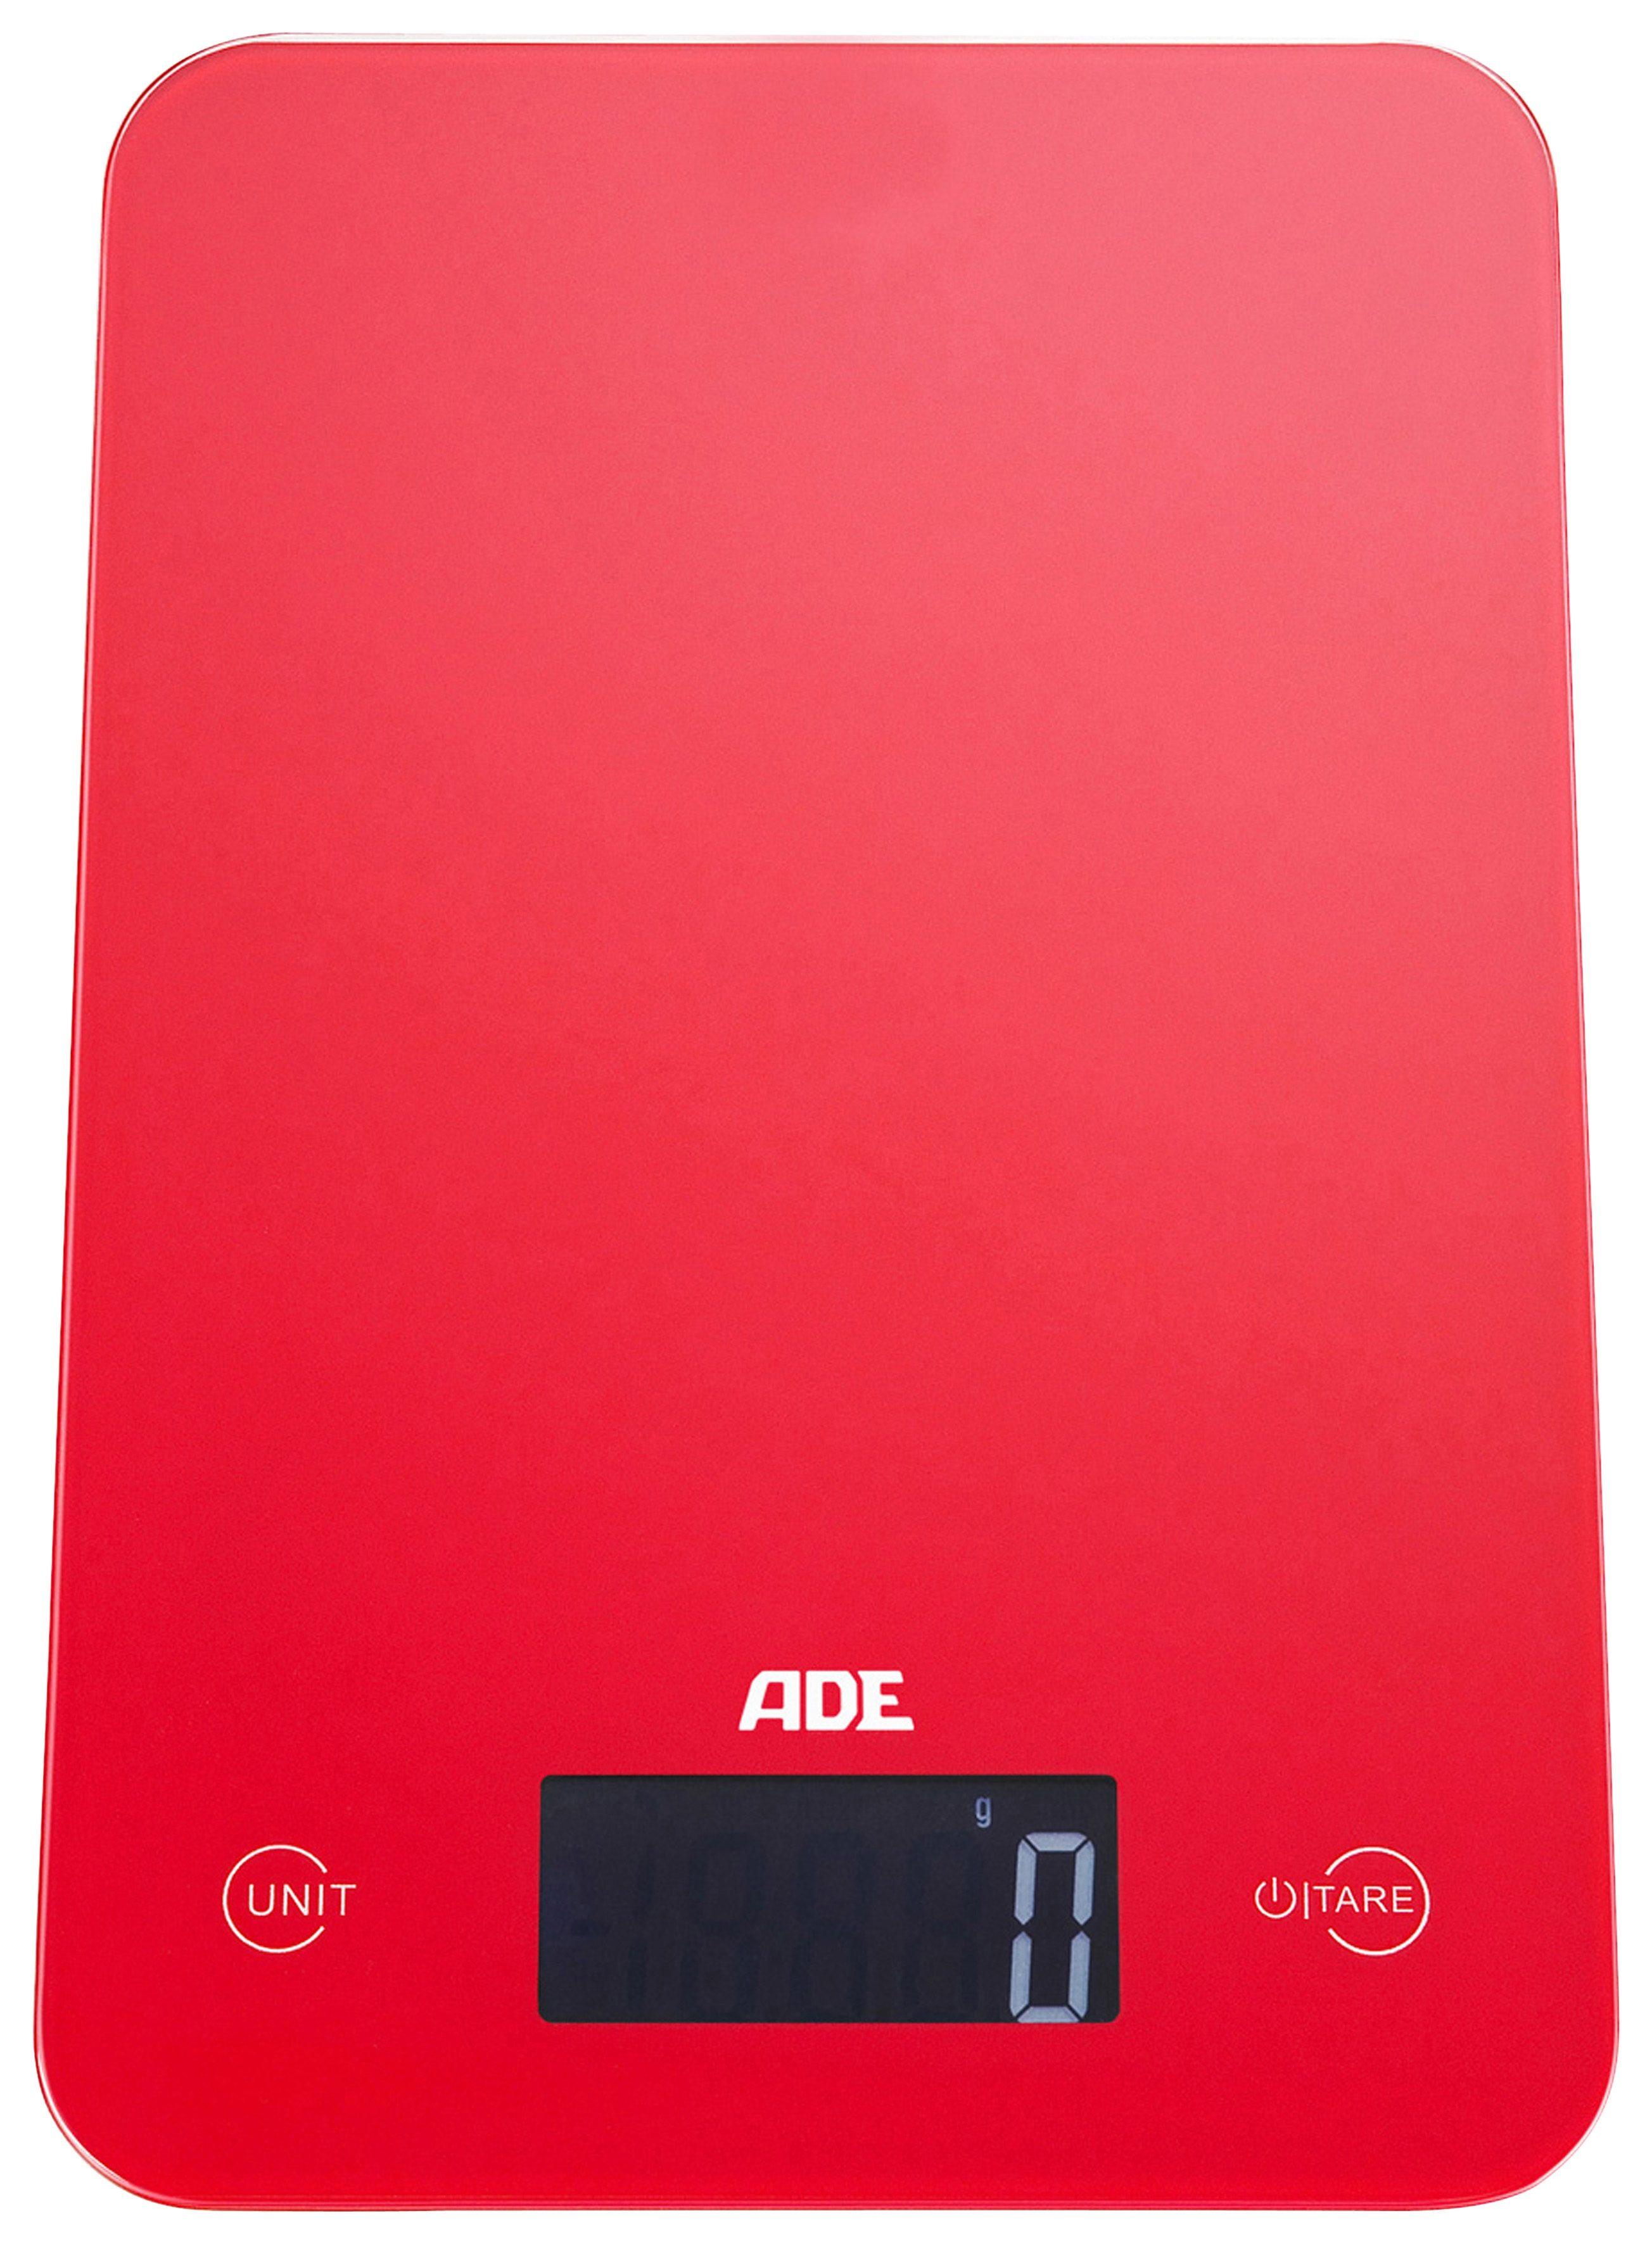 ADE Digitale Küchenwaage KE 915/926/927 Slim